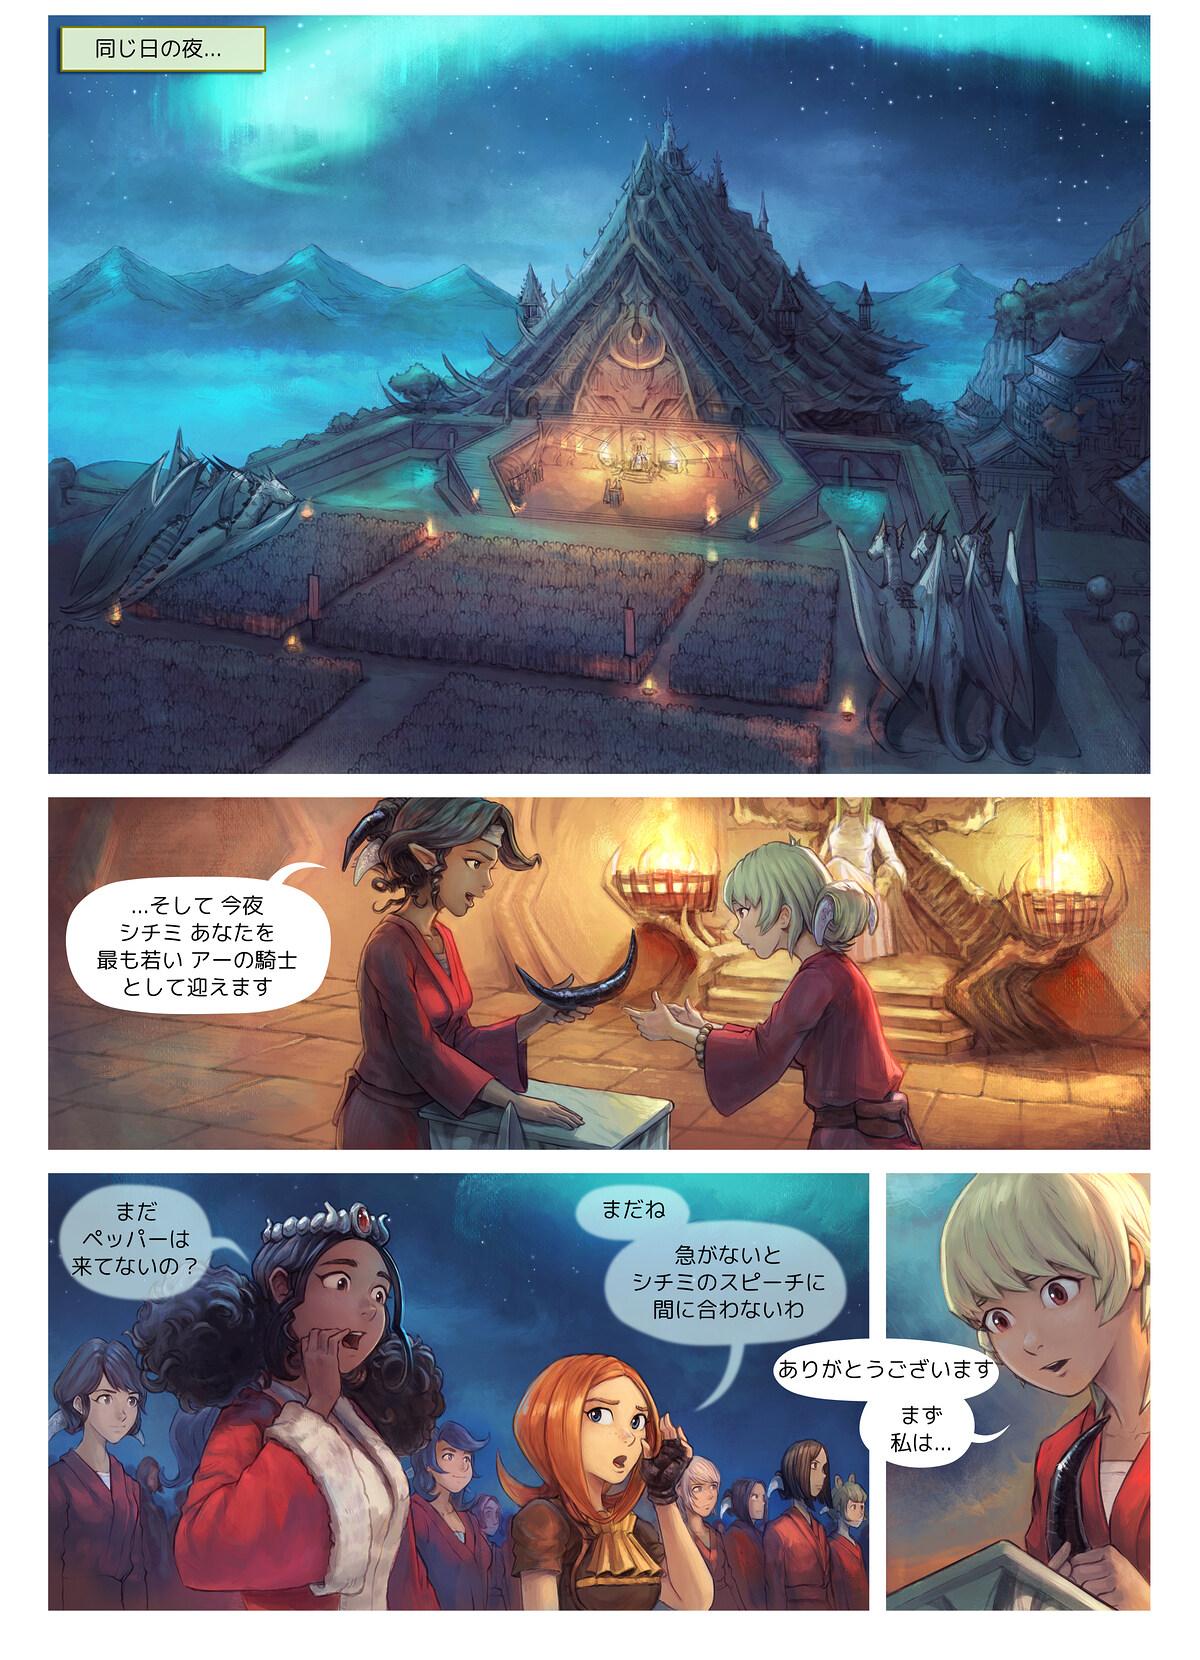 エピソード 34: シチミの叙勲, ページ 1